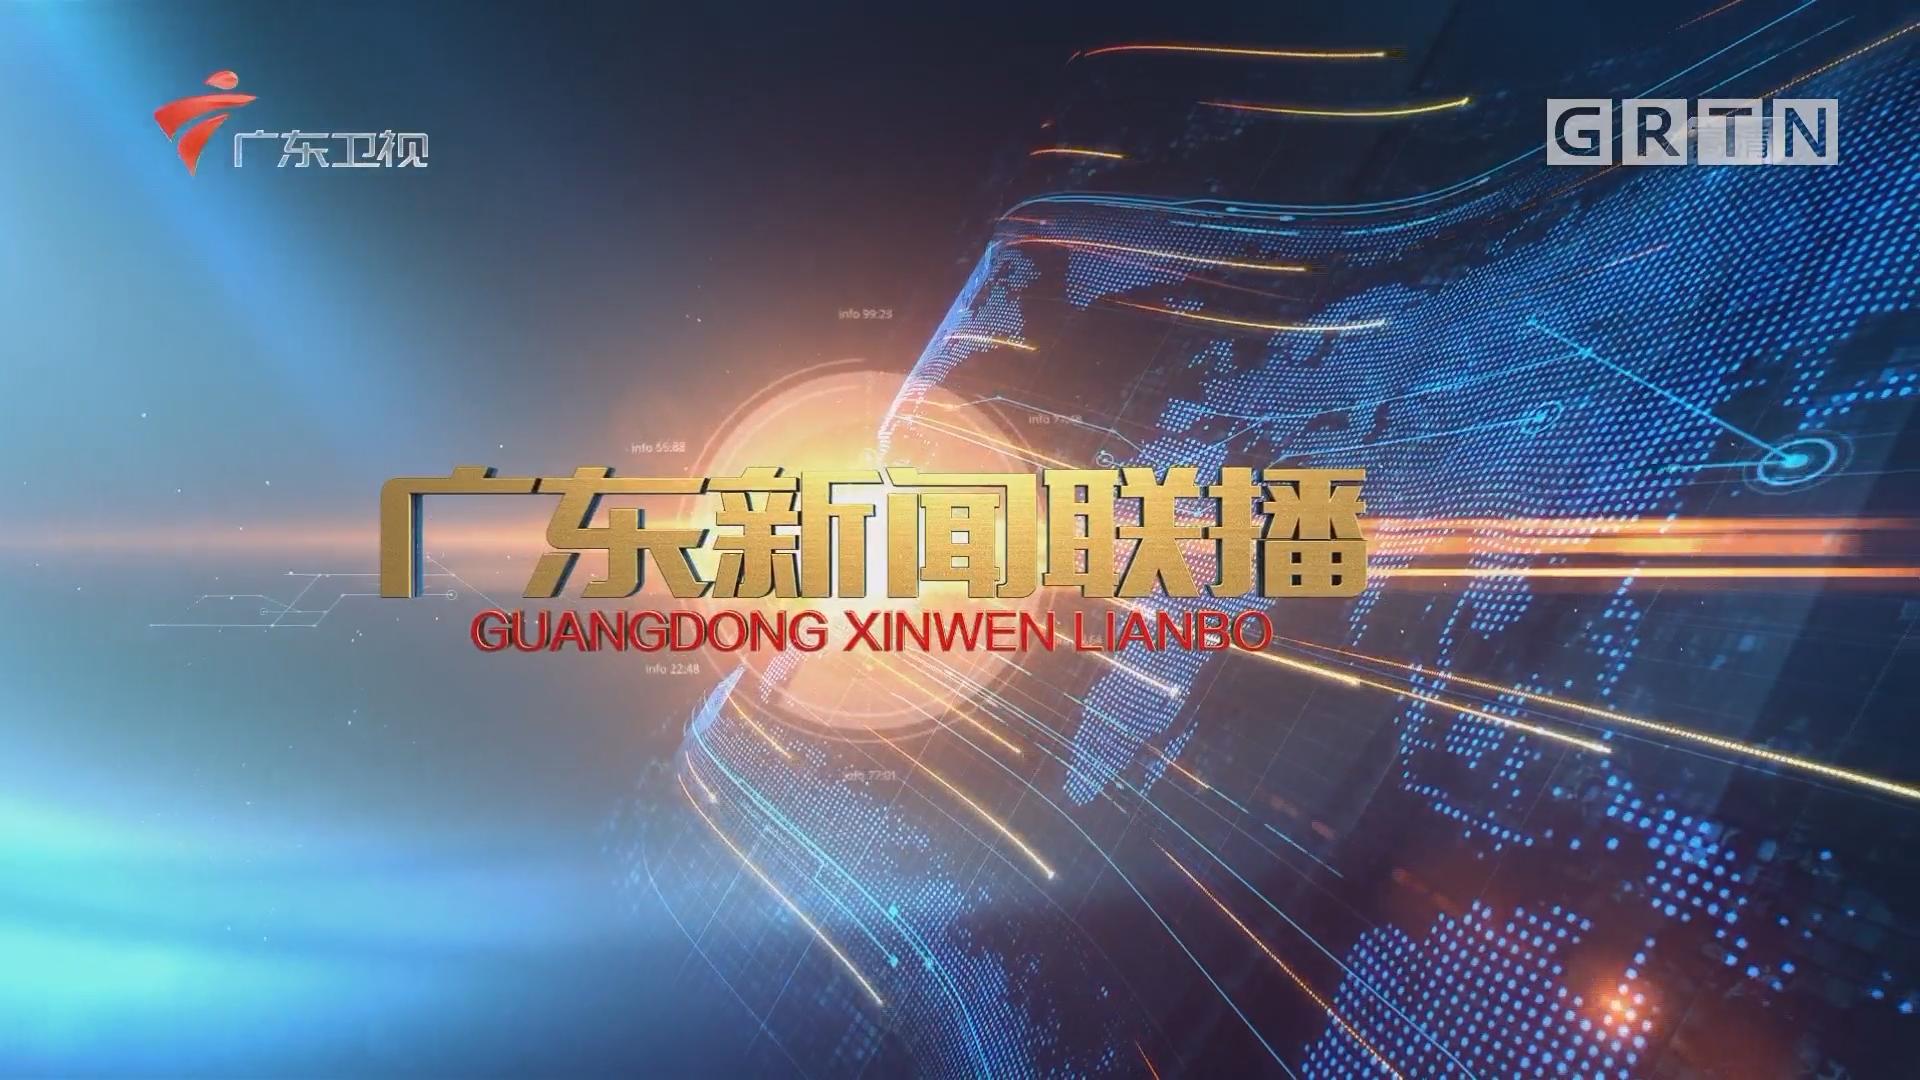 [HD][2019-01-16]广东新闻联播:李希马兴瑞会见林郑月娥